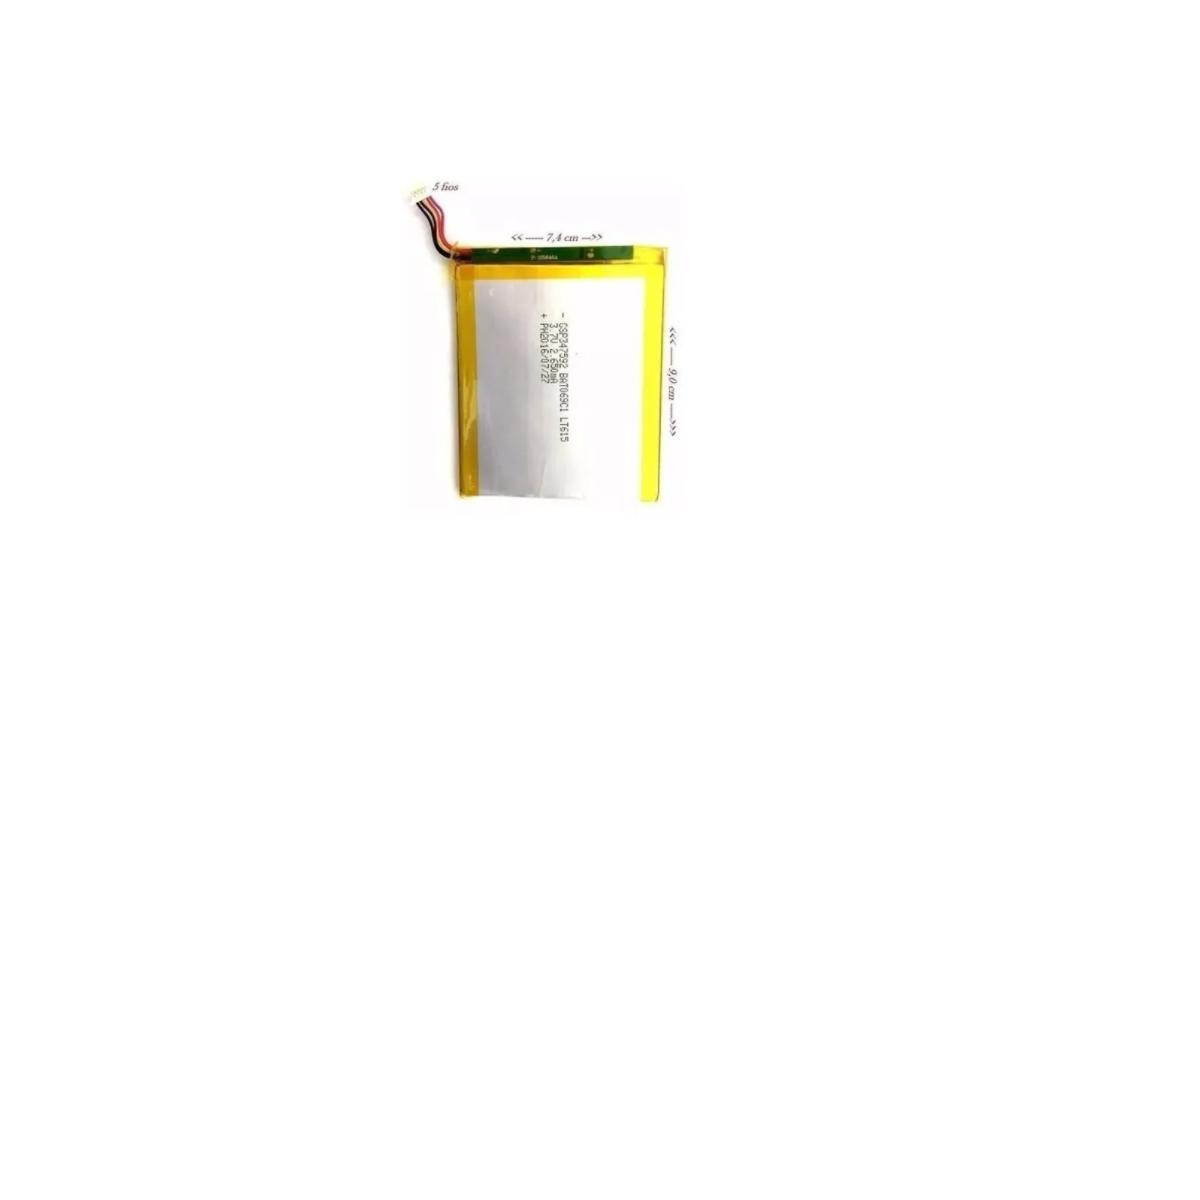 BATERIA TABLET DL TX384PIN 5 FIOS 2650MAH RETIRADA